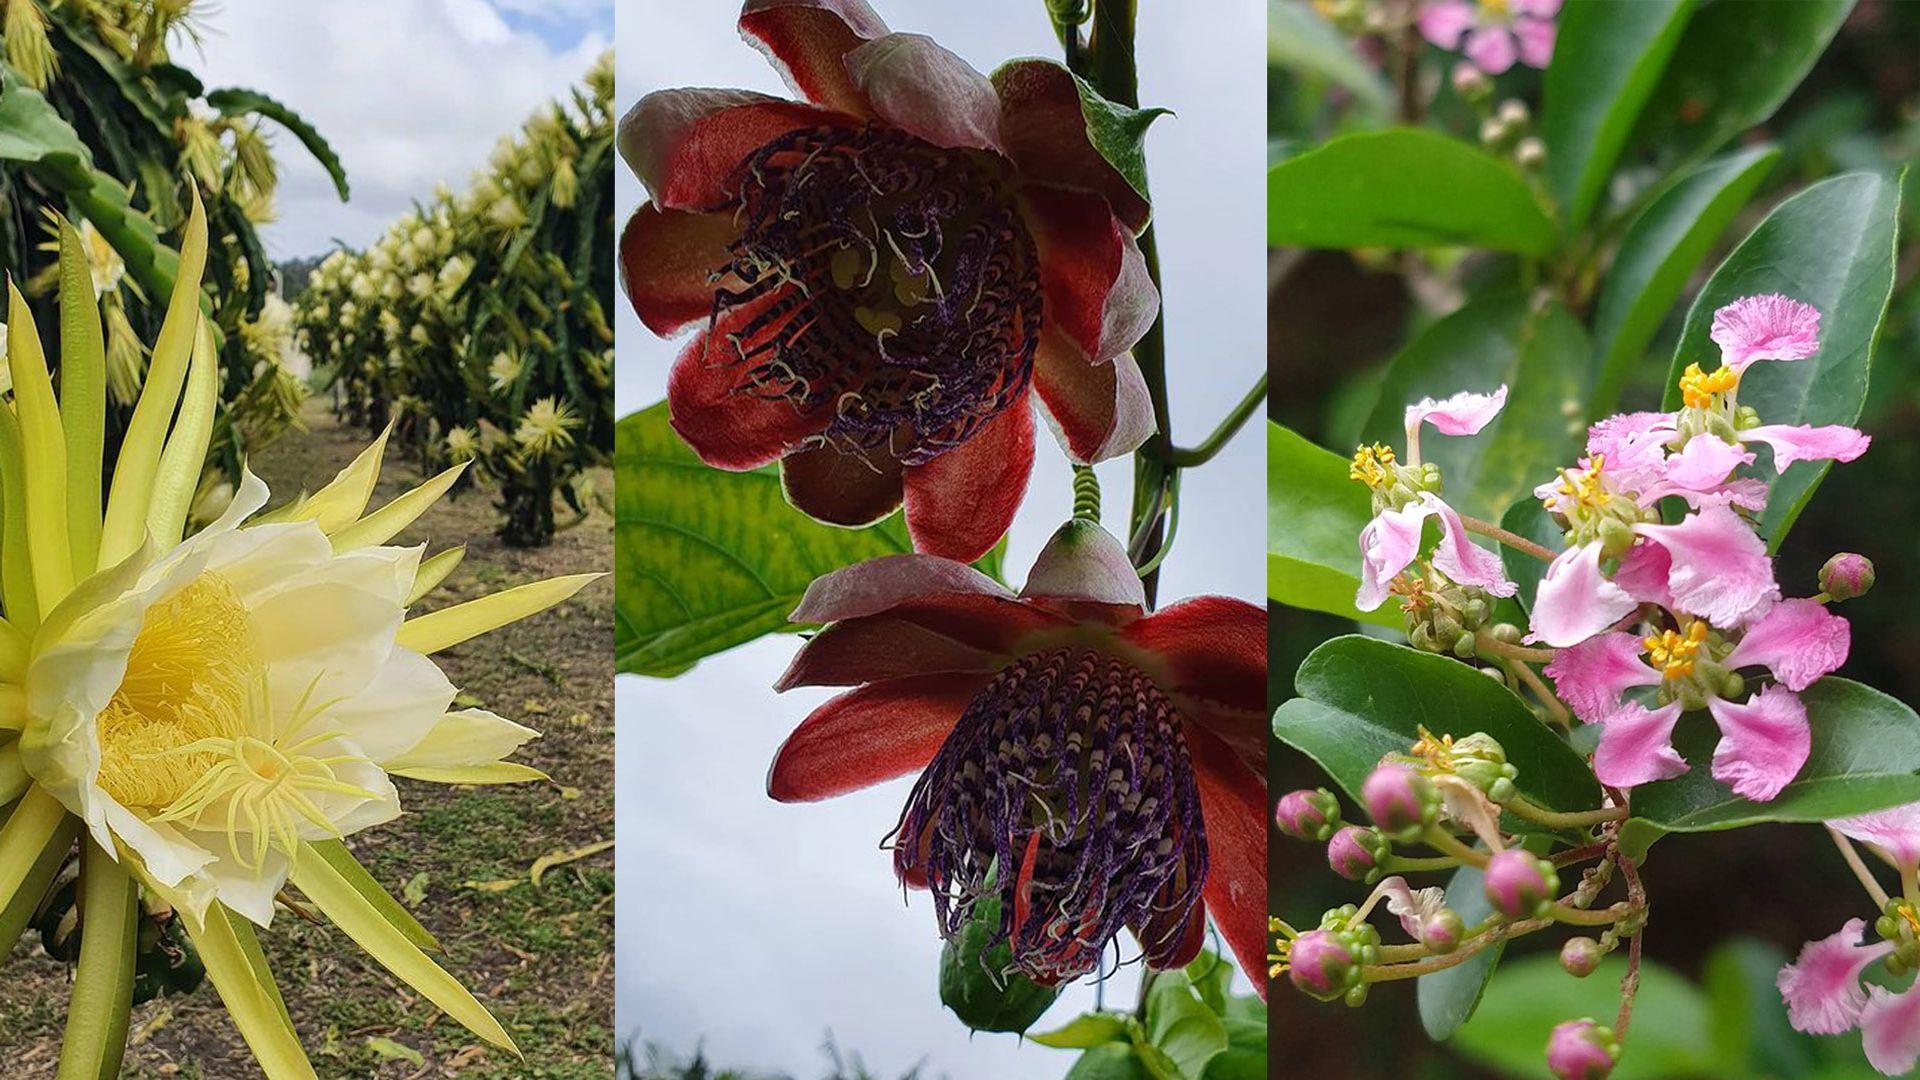 Flores de pitaya, maracujá e acerola